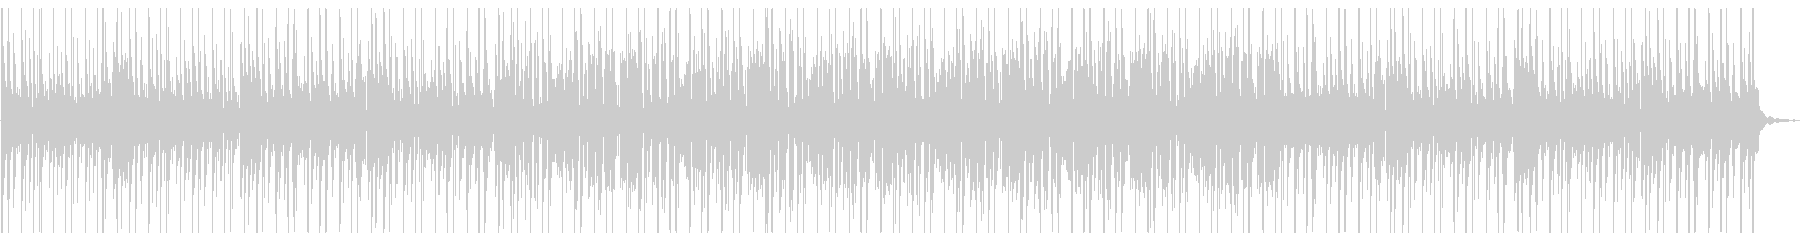 (夏)癒し風鈴とフルートの日本風ビートの未再生の波形